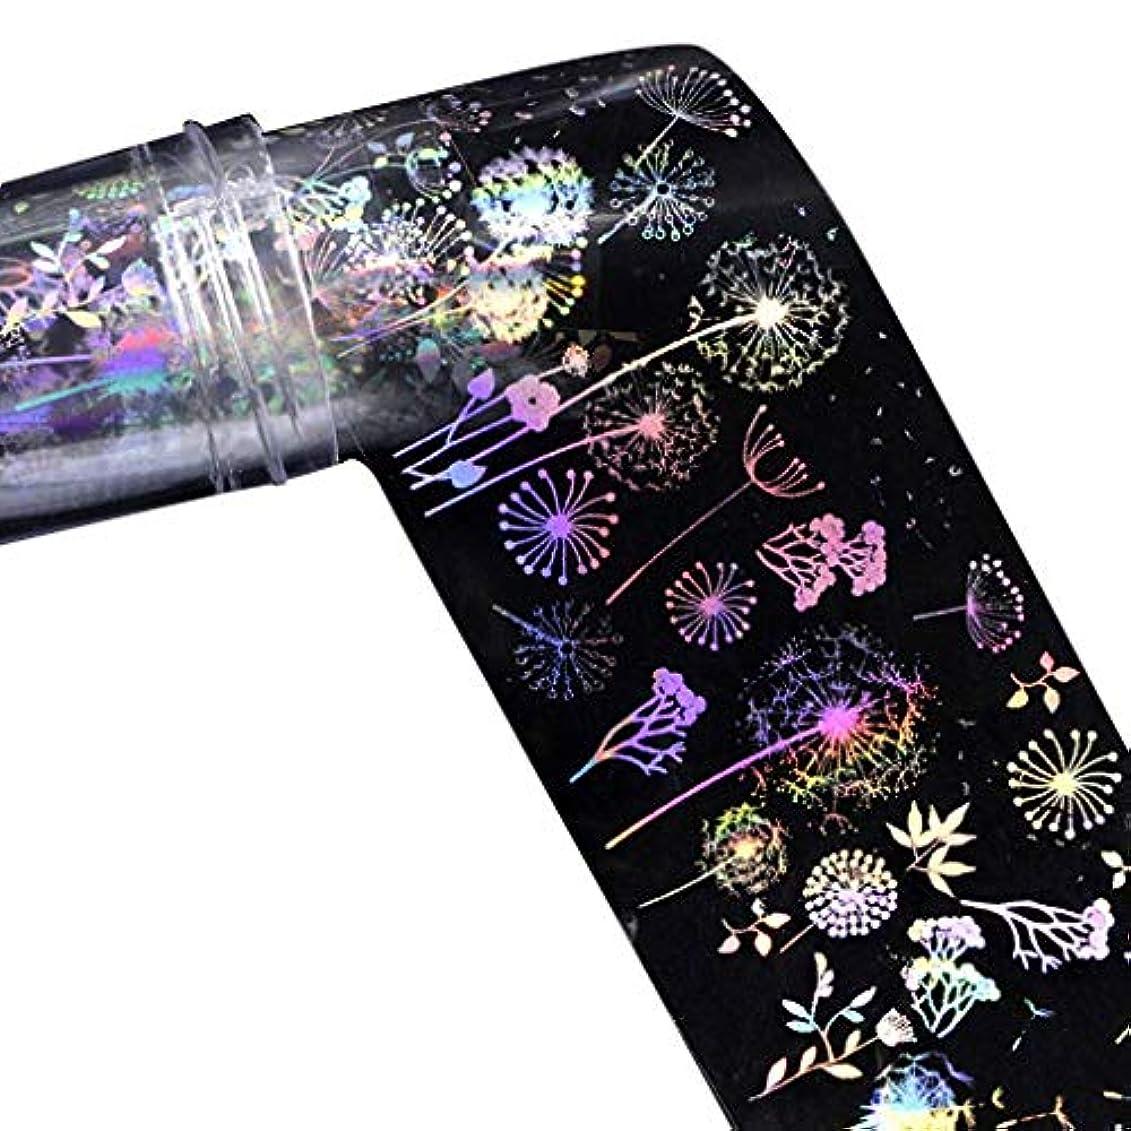 たらいカタログ発行するuzinby ネイルステッカー ネイルホイル ステッカー ネイルシール ネイルアート ネイルデコ ネイルステッカーセット ネイルセット 柄選べる12種 デザイン シンプル クリスマス ハート